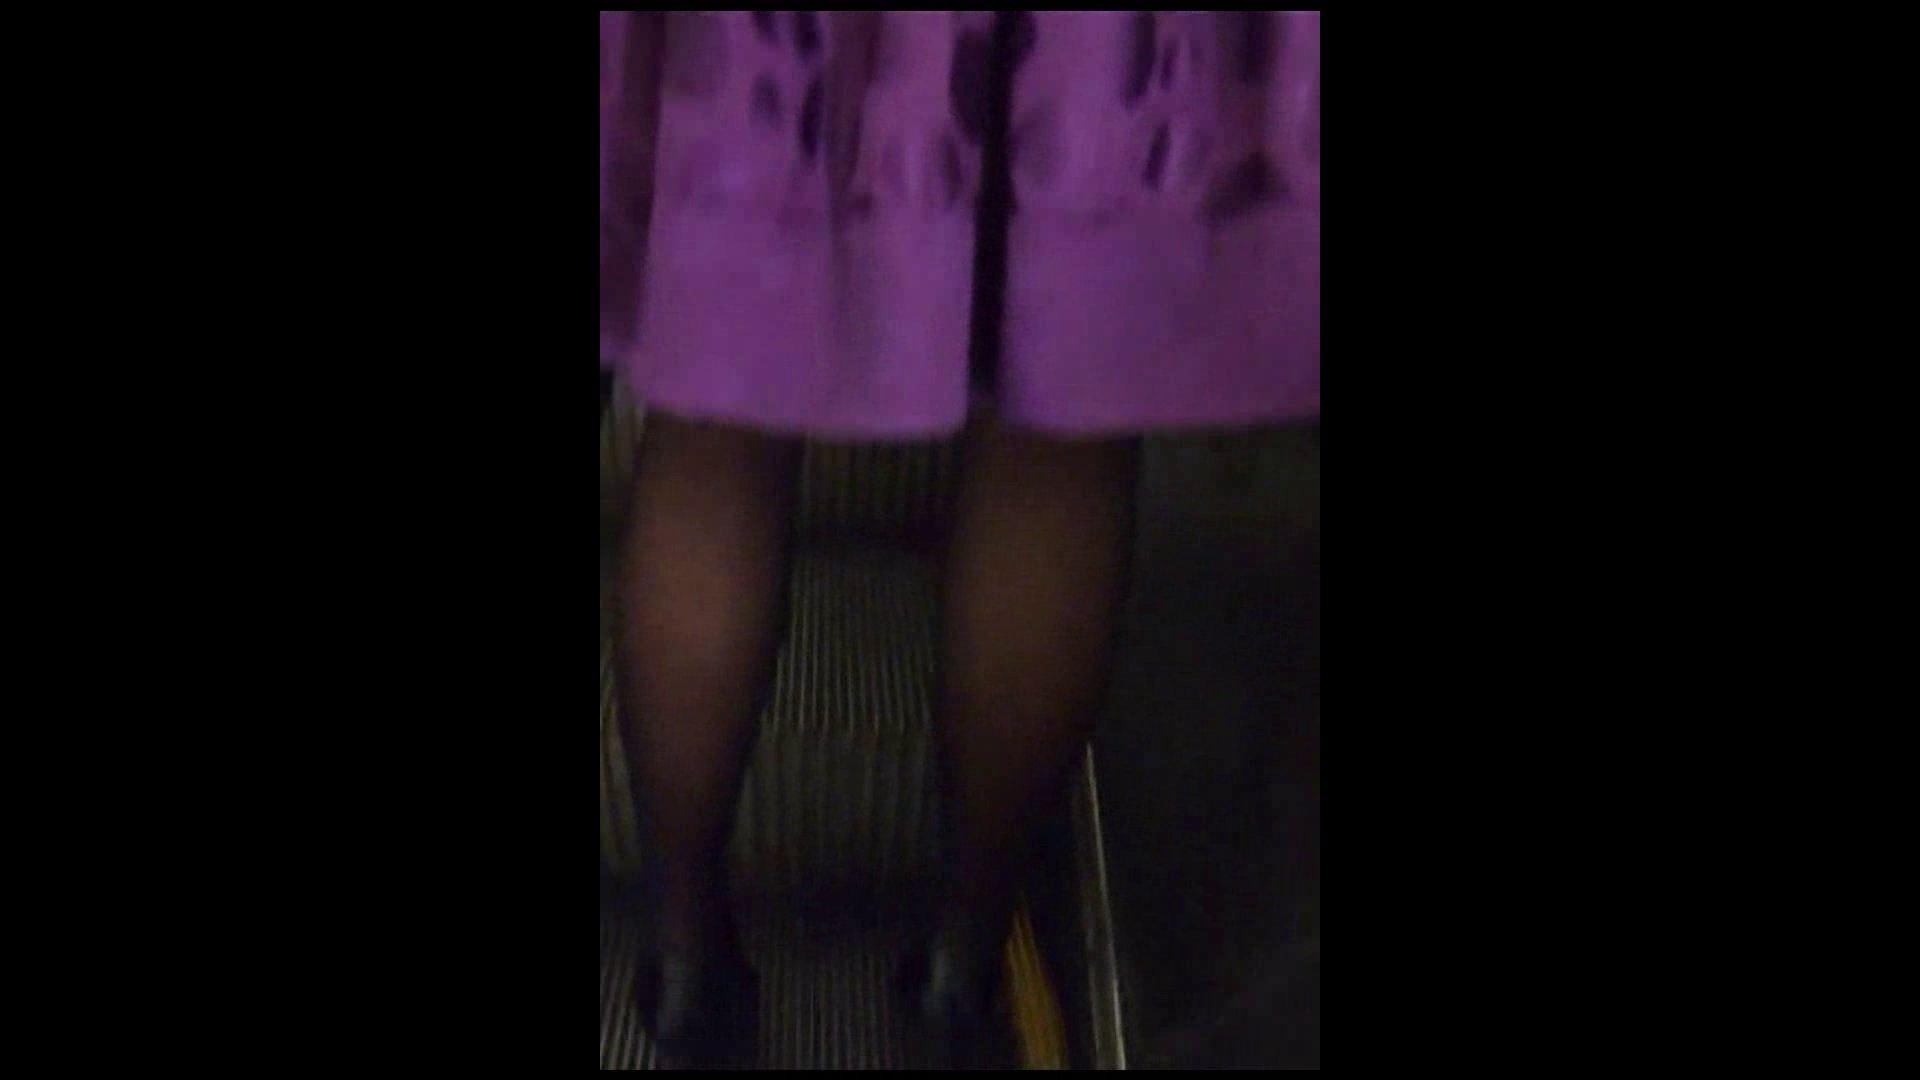 綺麗なモデルさんのスカート捲っちゃおう‼vol03 お姉さんのエロ生活 | モデルのエロ生活  98連発 22